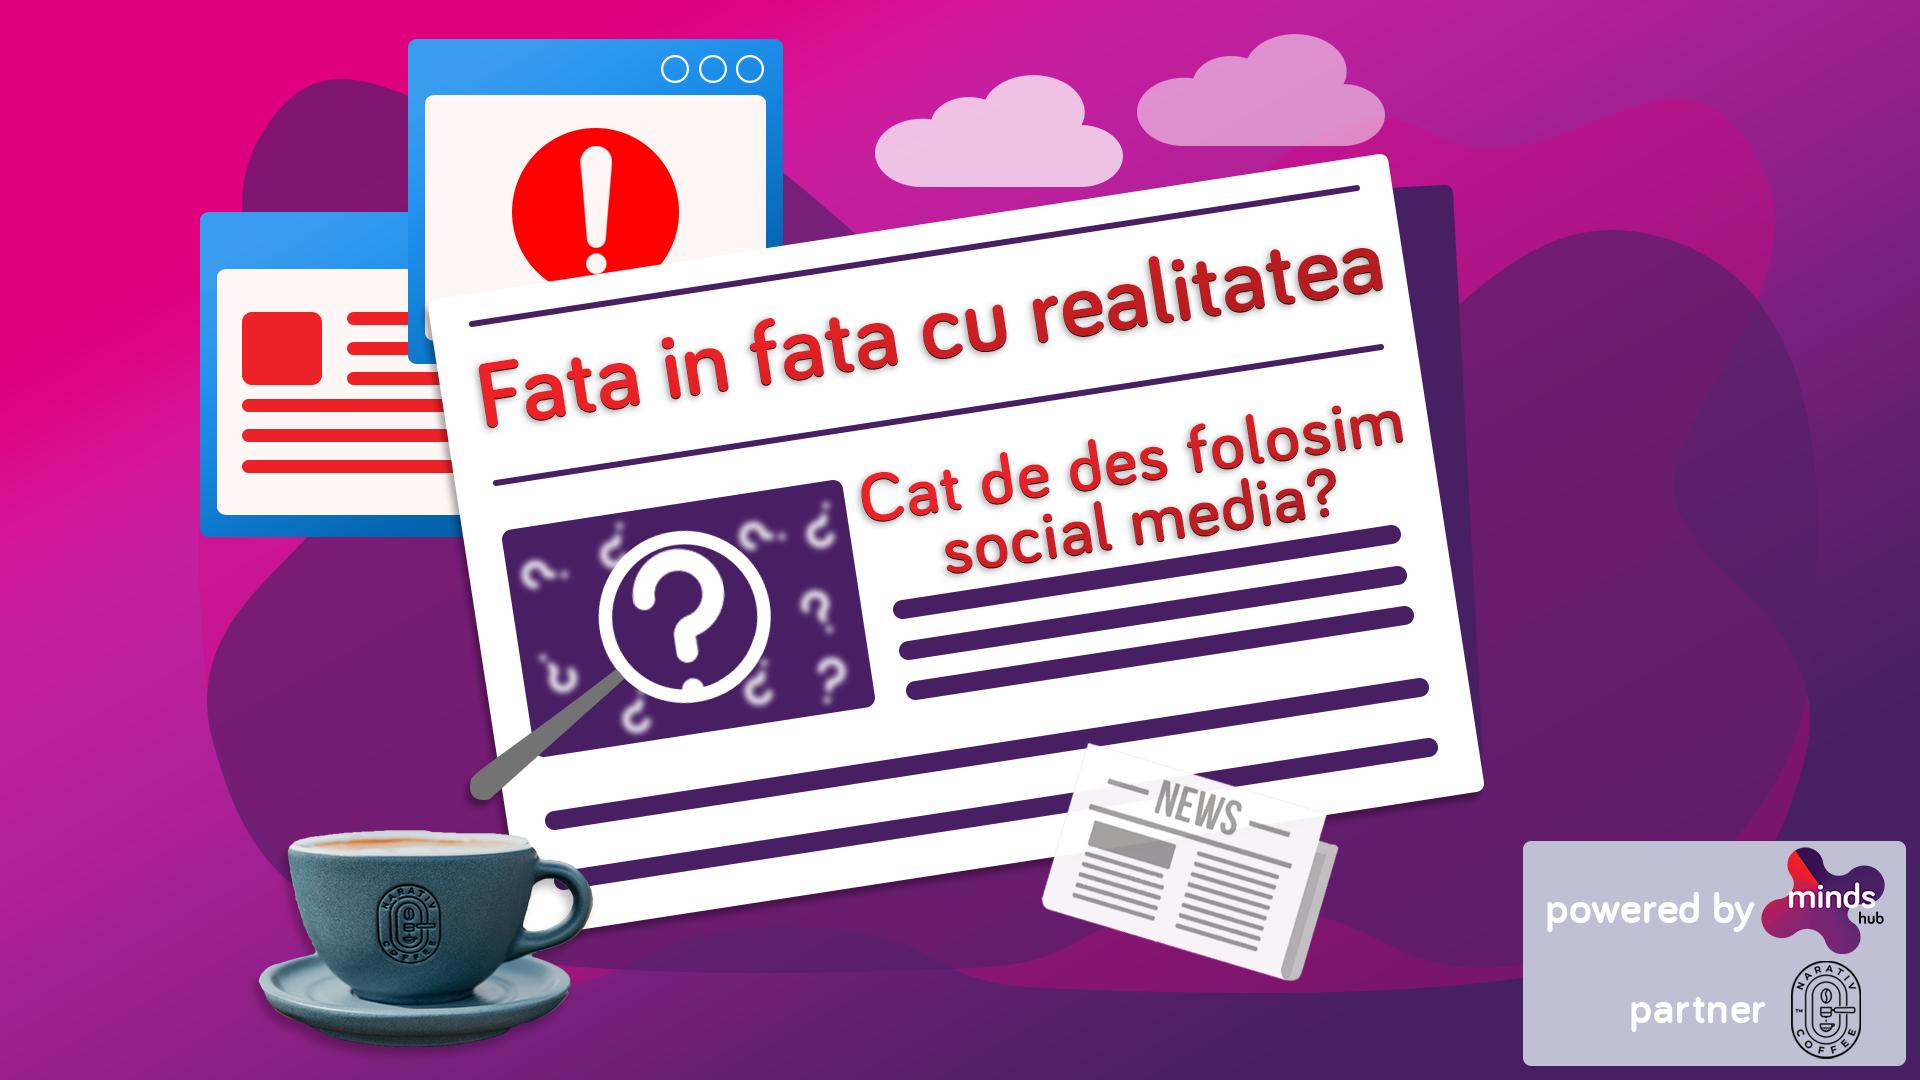 Fake news – Capitolul 3. Față în față cu realitatea Partea 3: Cât de des folosim social media?